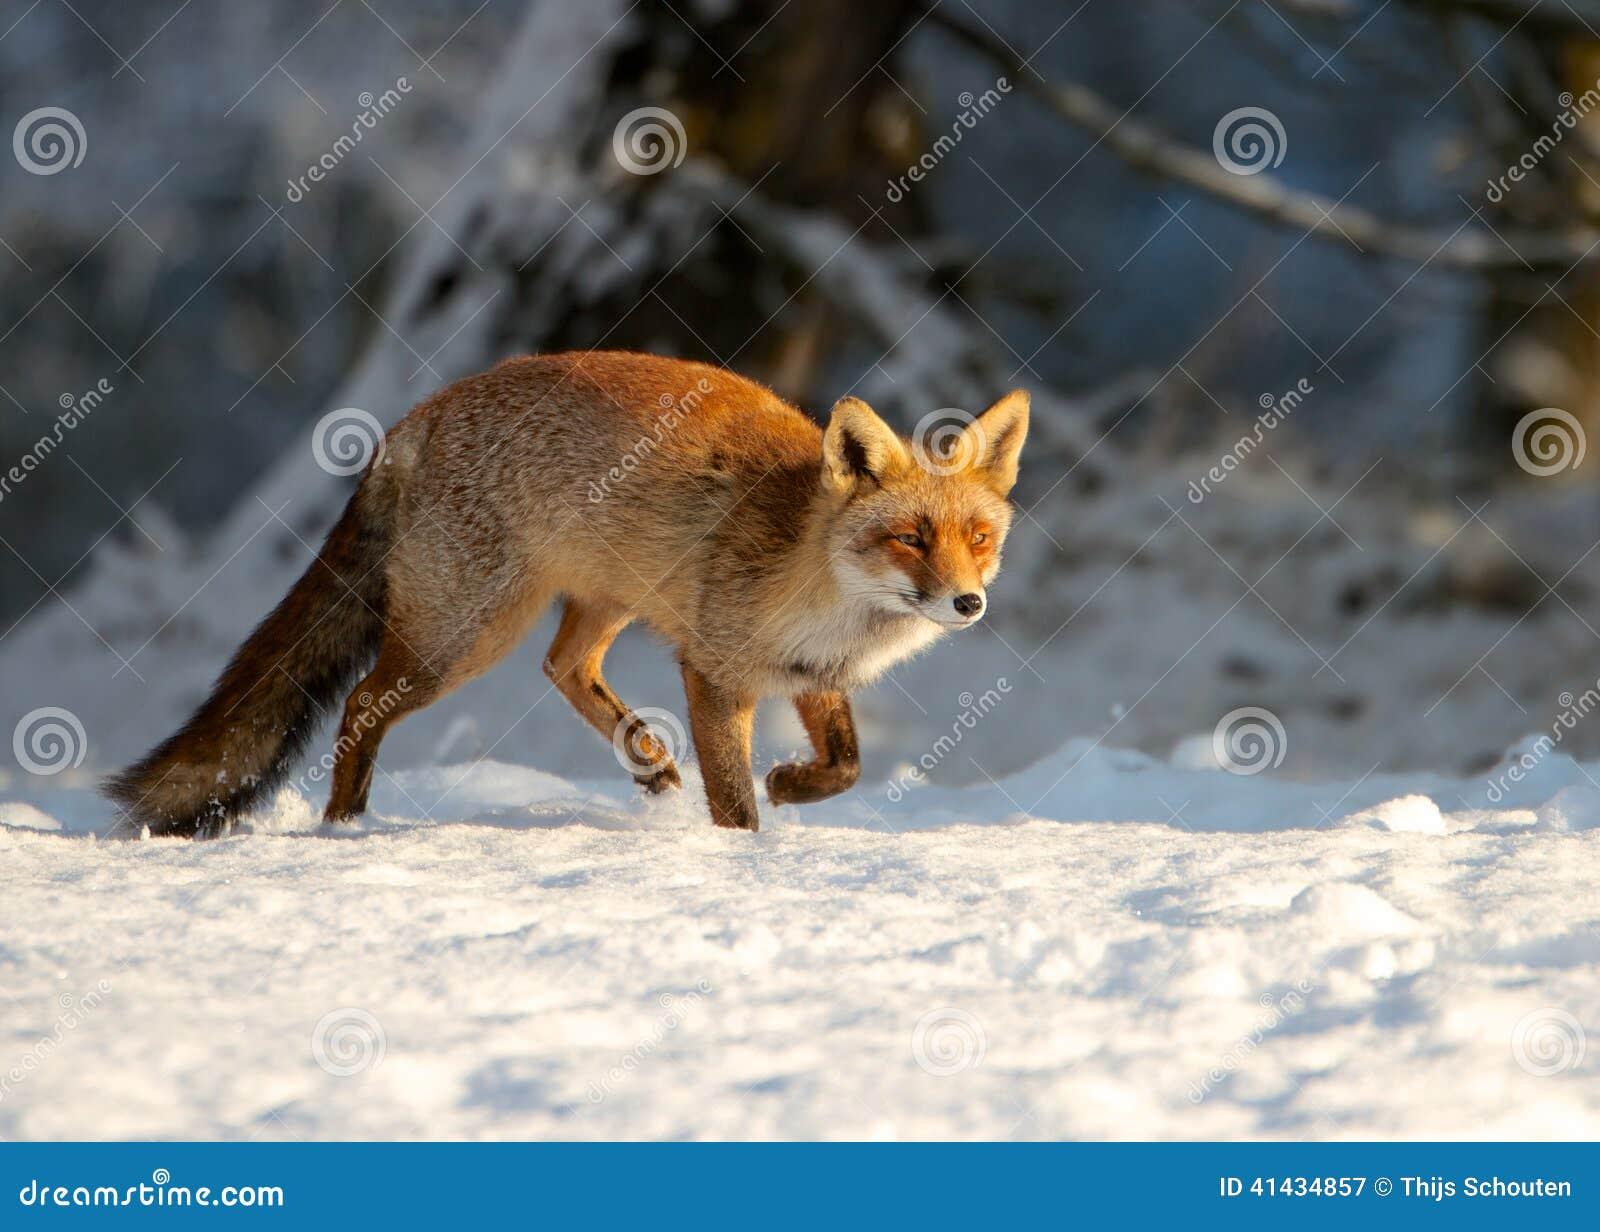 Fox Running Stock Photo - Image: 41434857